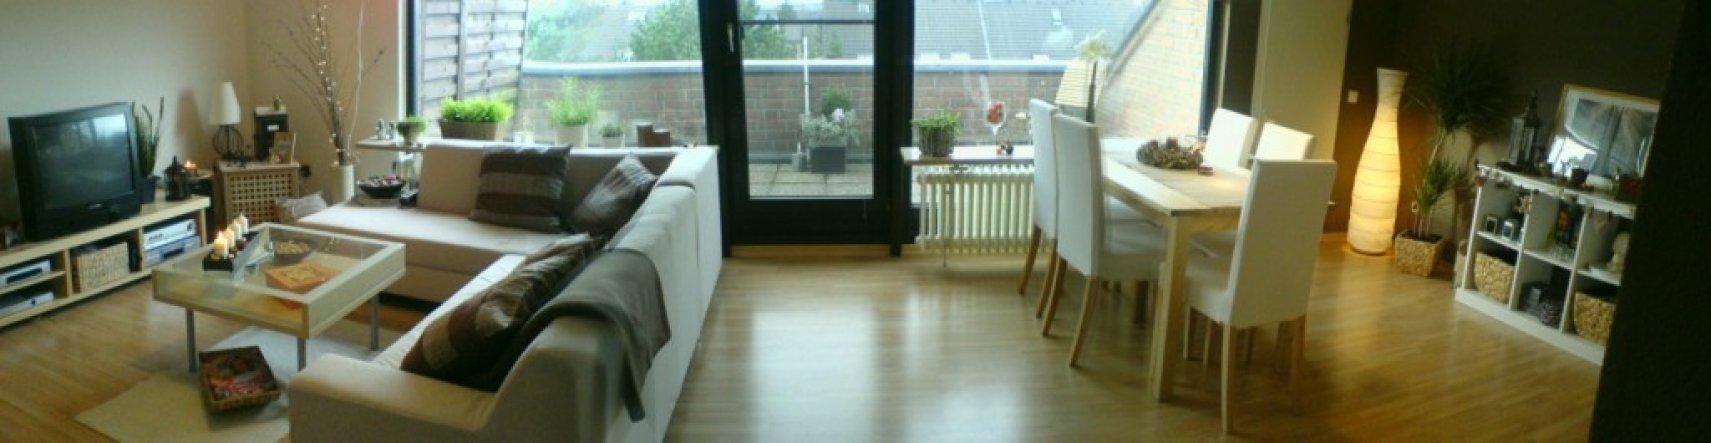 wohnzimmer 39 gesamteindruck 39 unsere erste gemeinsame wohnung zimmerschau. Black Bedroom Furniture Sets. Home Design Ideas